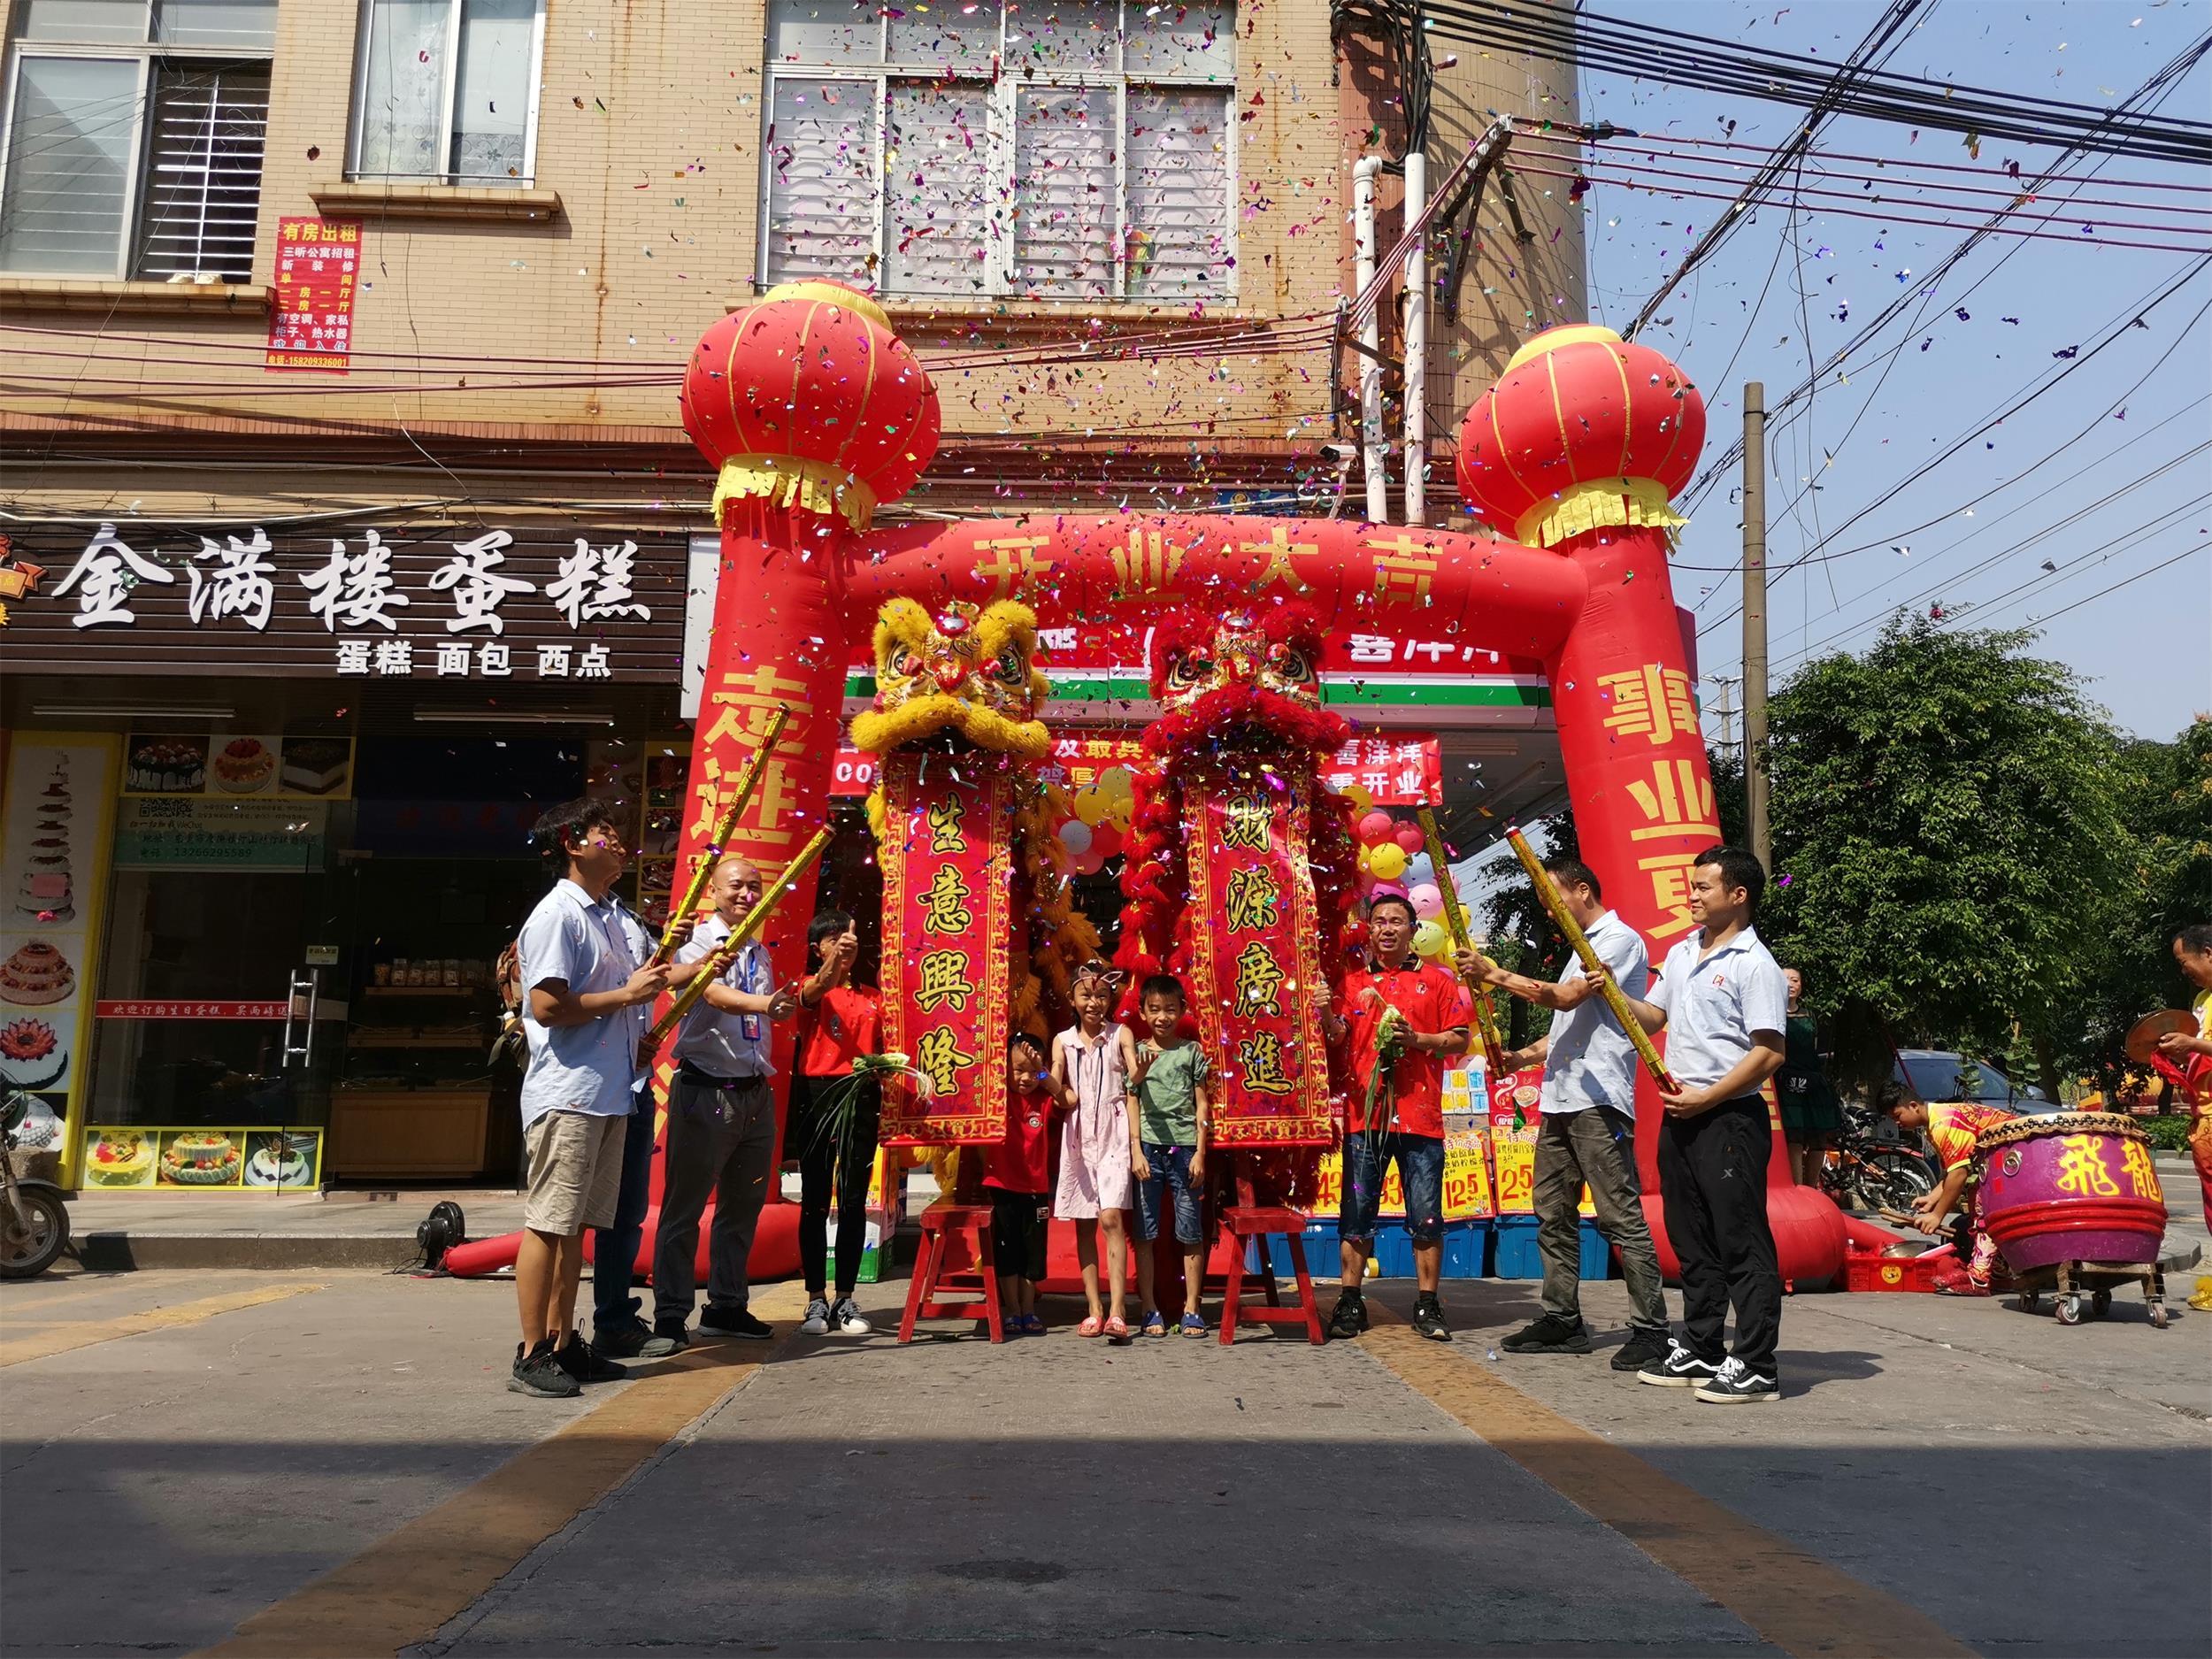 喜洋洋便利店全体同仁热烈庆祝厚街馨家延分店10月20日火爆开业